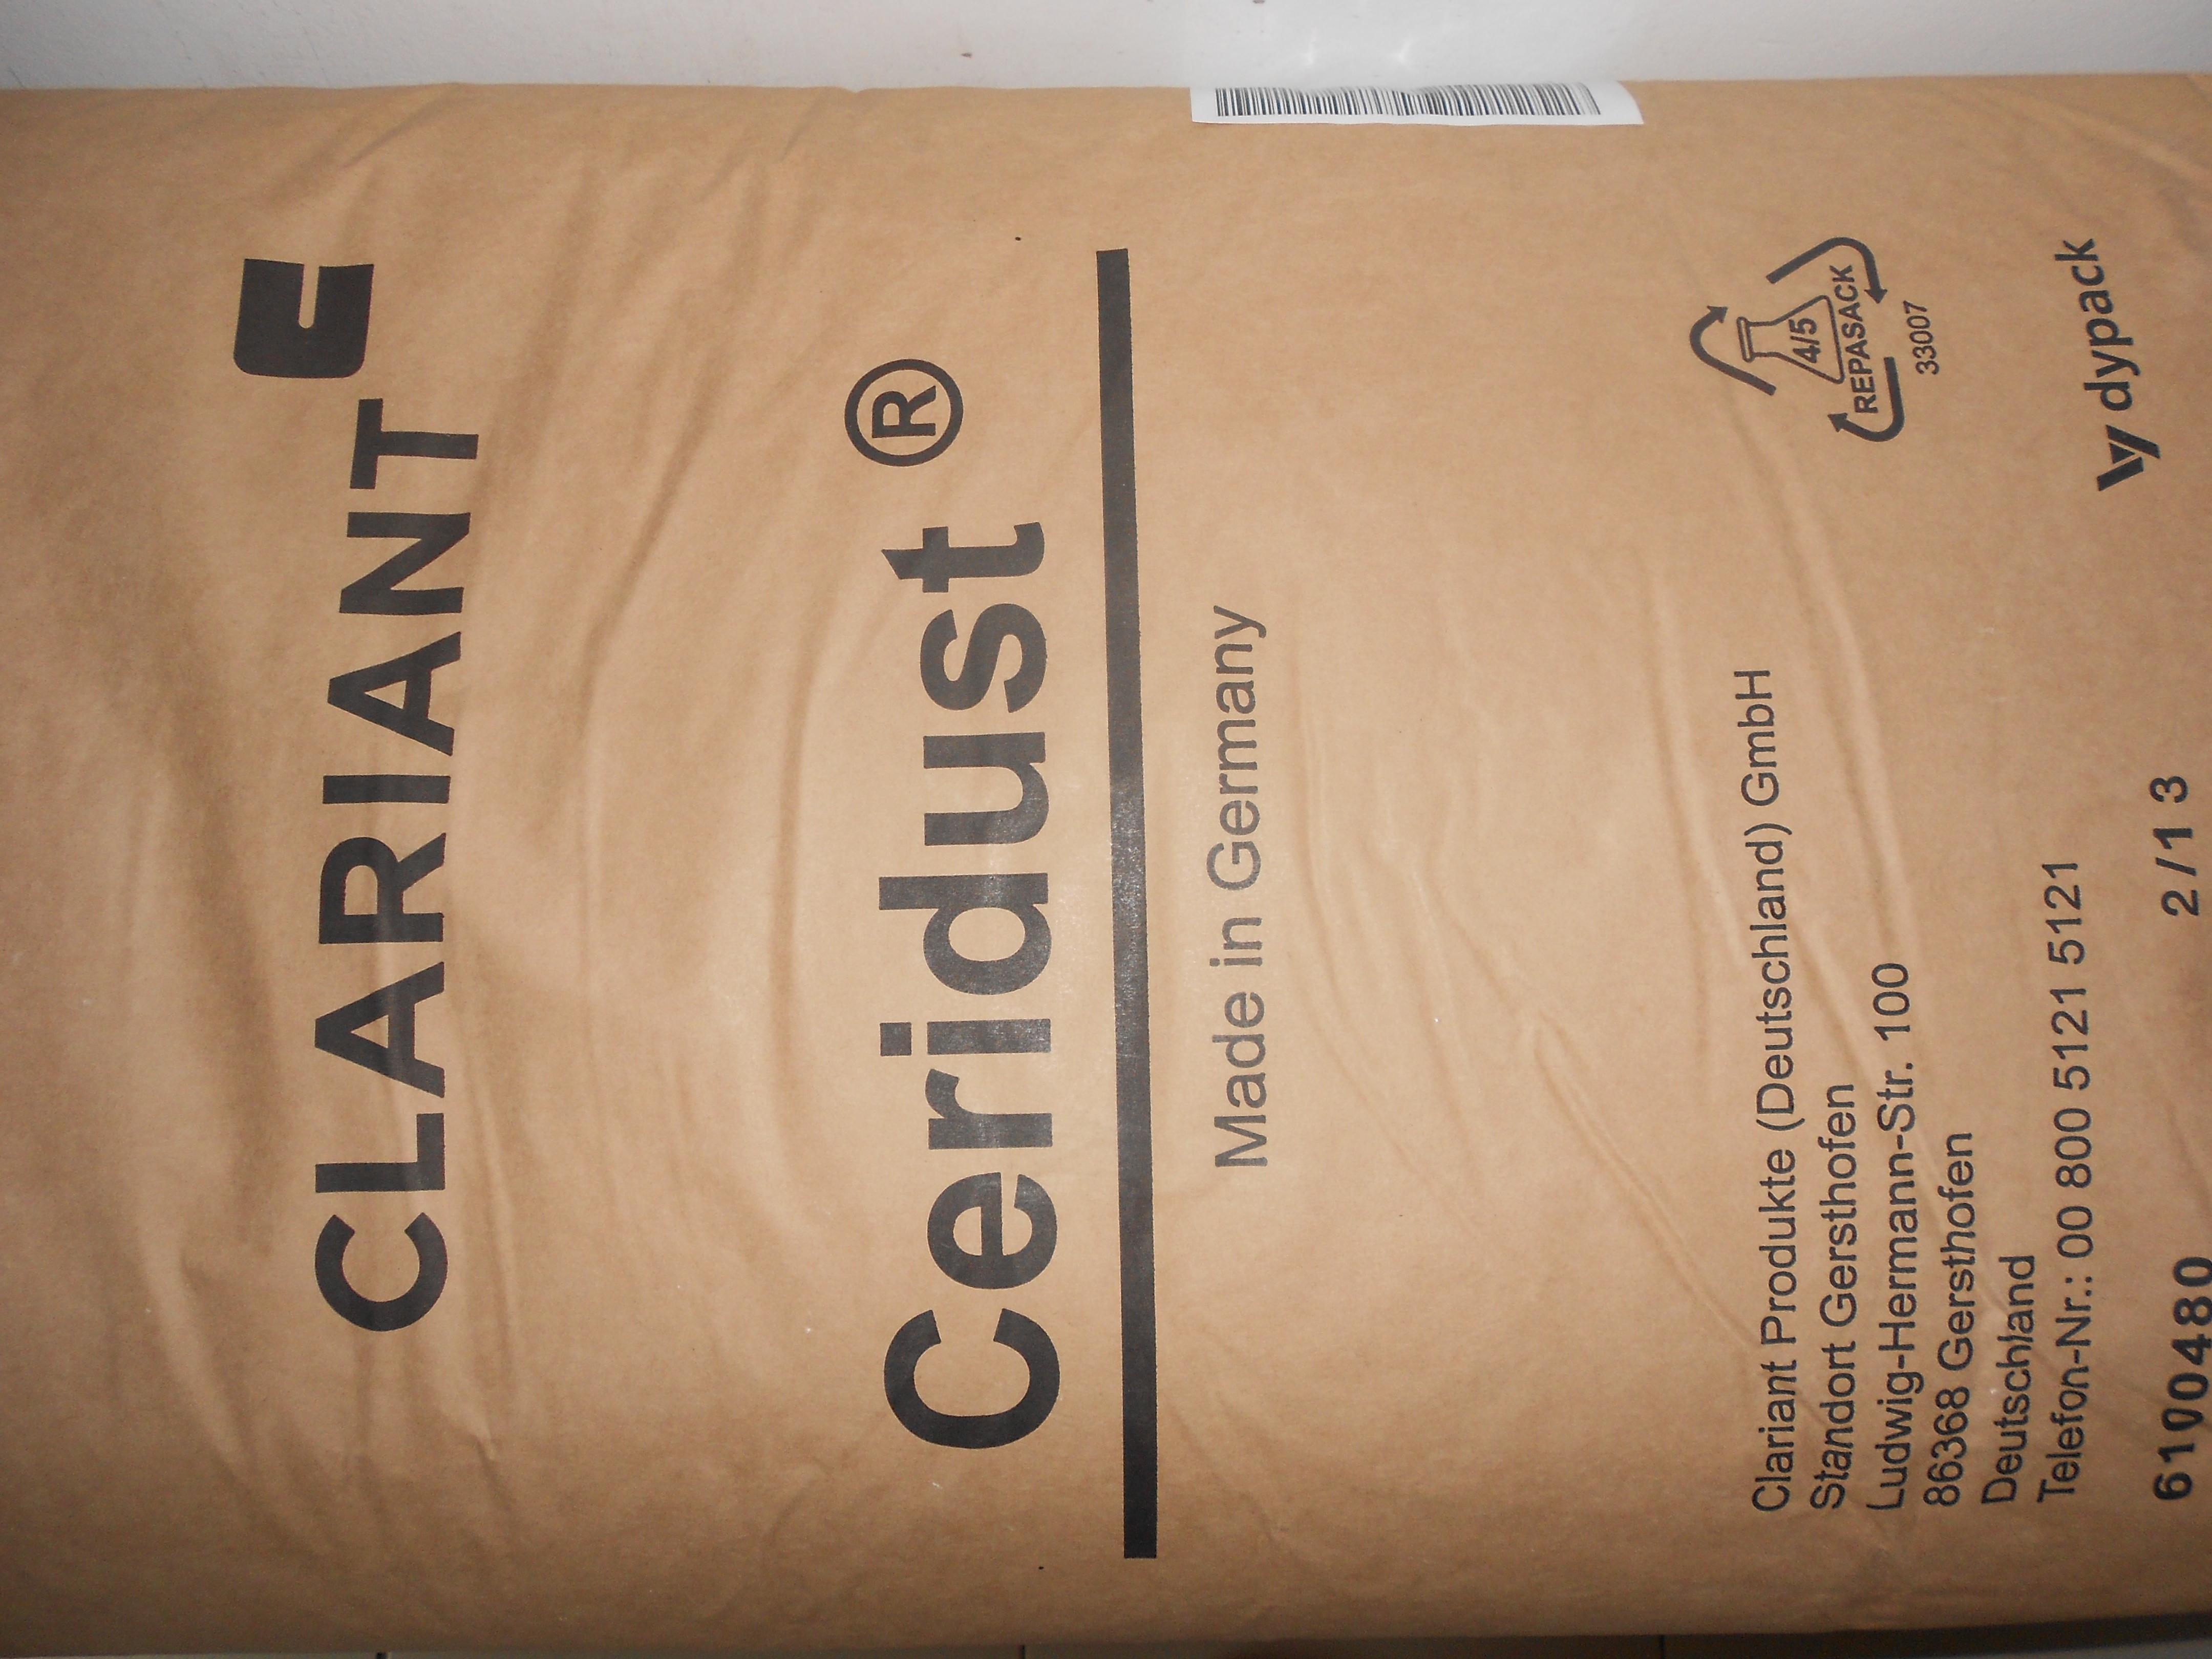 蜡粉9610F德国科莱恩聚四氟乙烯粉图片